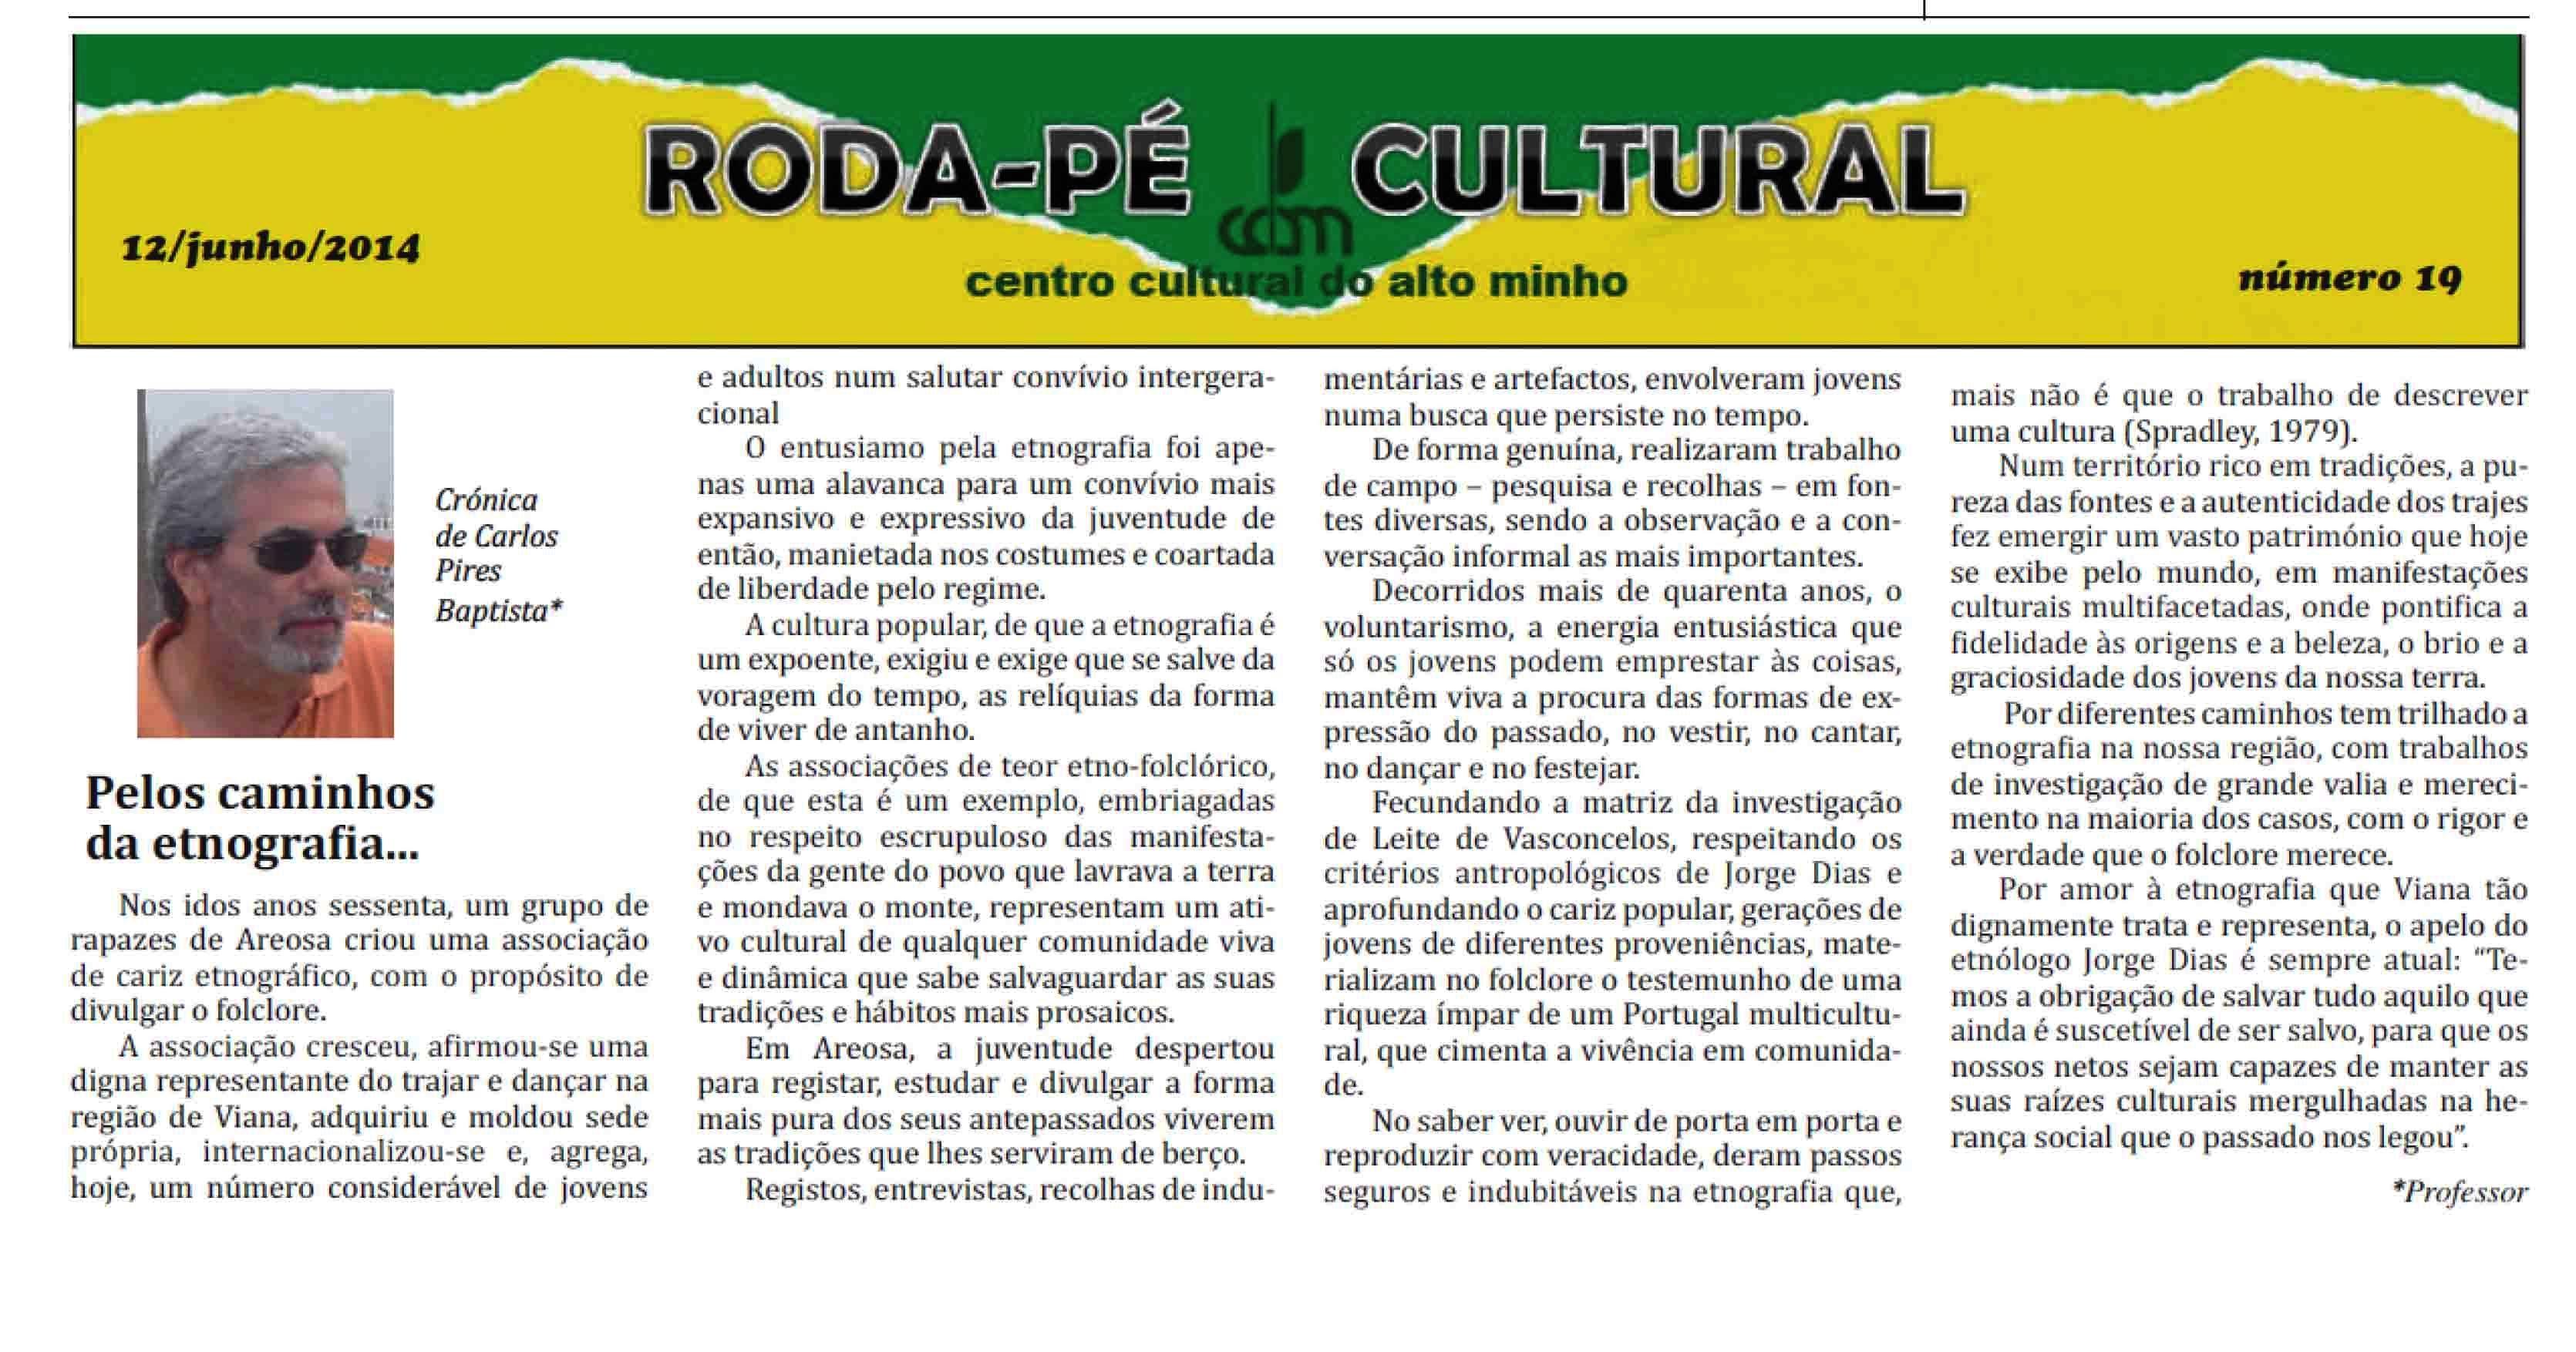 https://sites.google.com/a/centroculturaldoaltominho.org/ccam/actividades-realizadas/2014/Roda_P%C3%A9_19.jpg